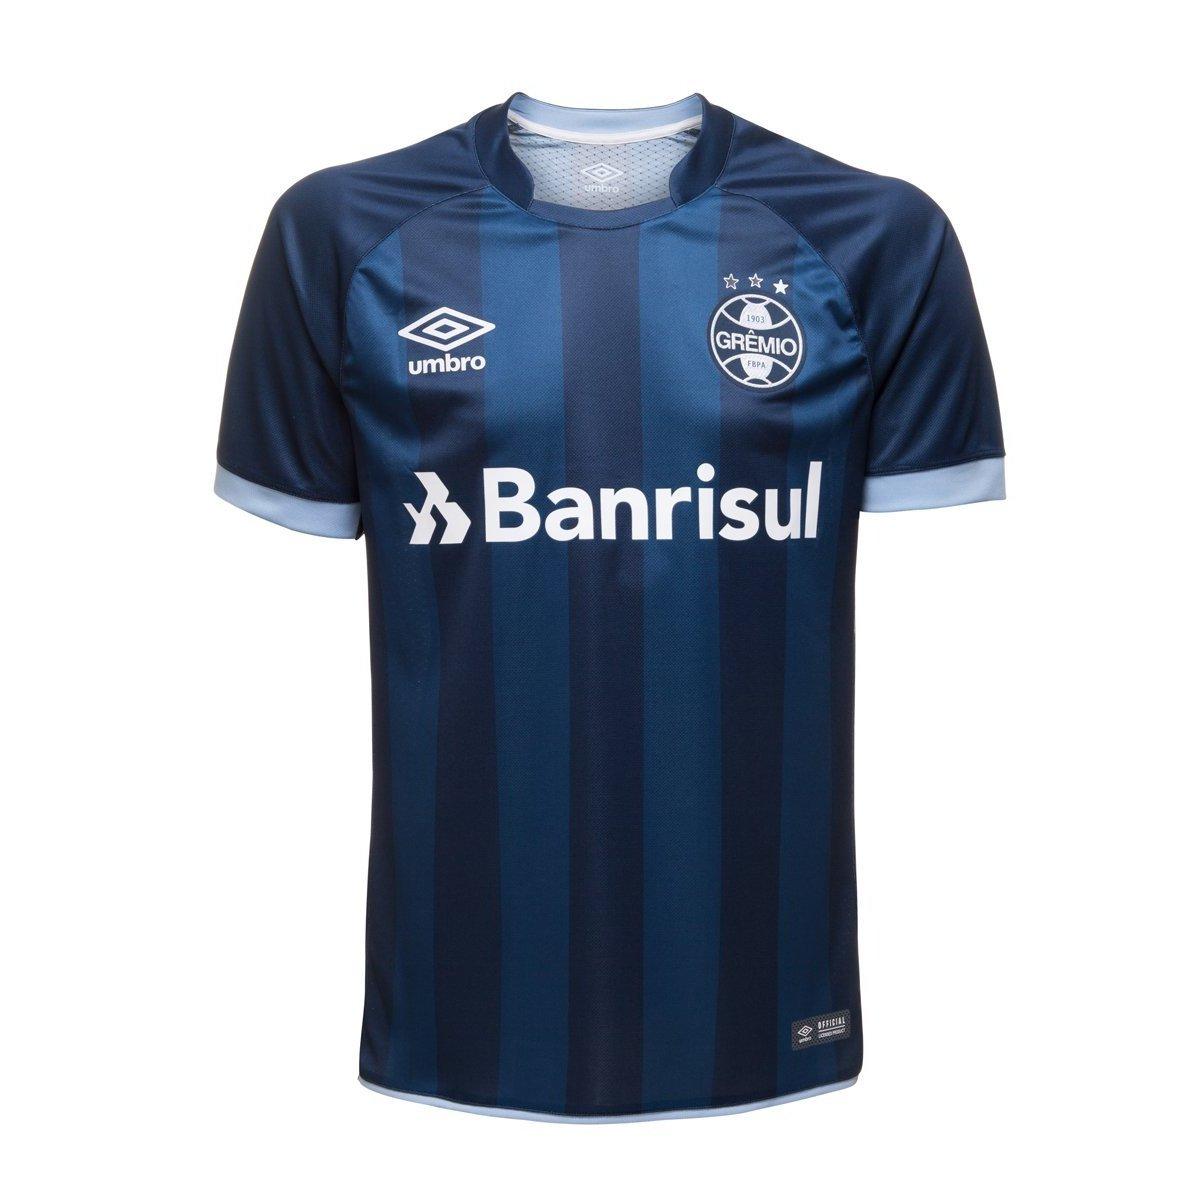 f7dbe082005cc Camisa Oficial Umbro Grêmio Masculina - Marinho - Compre Agora ...